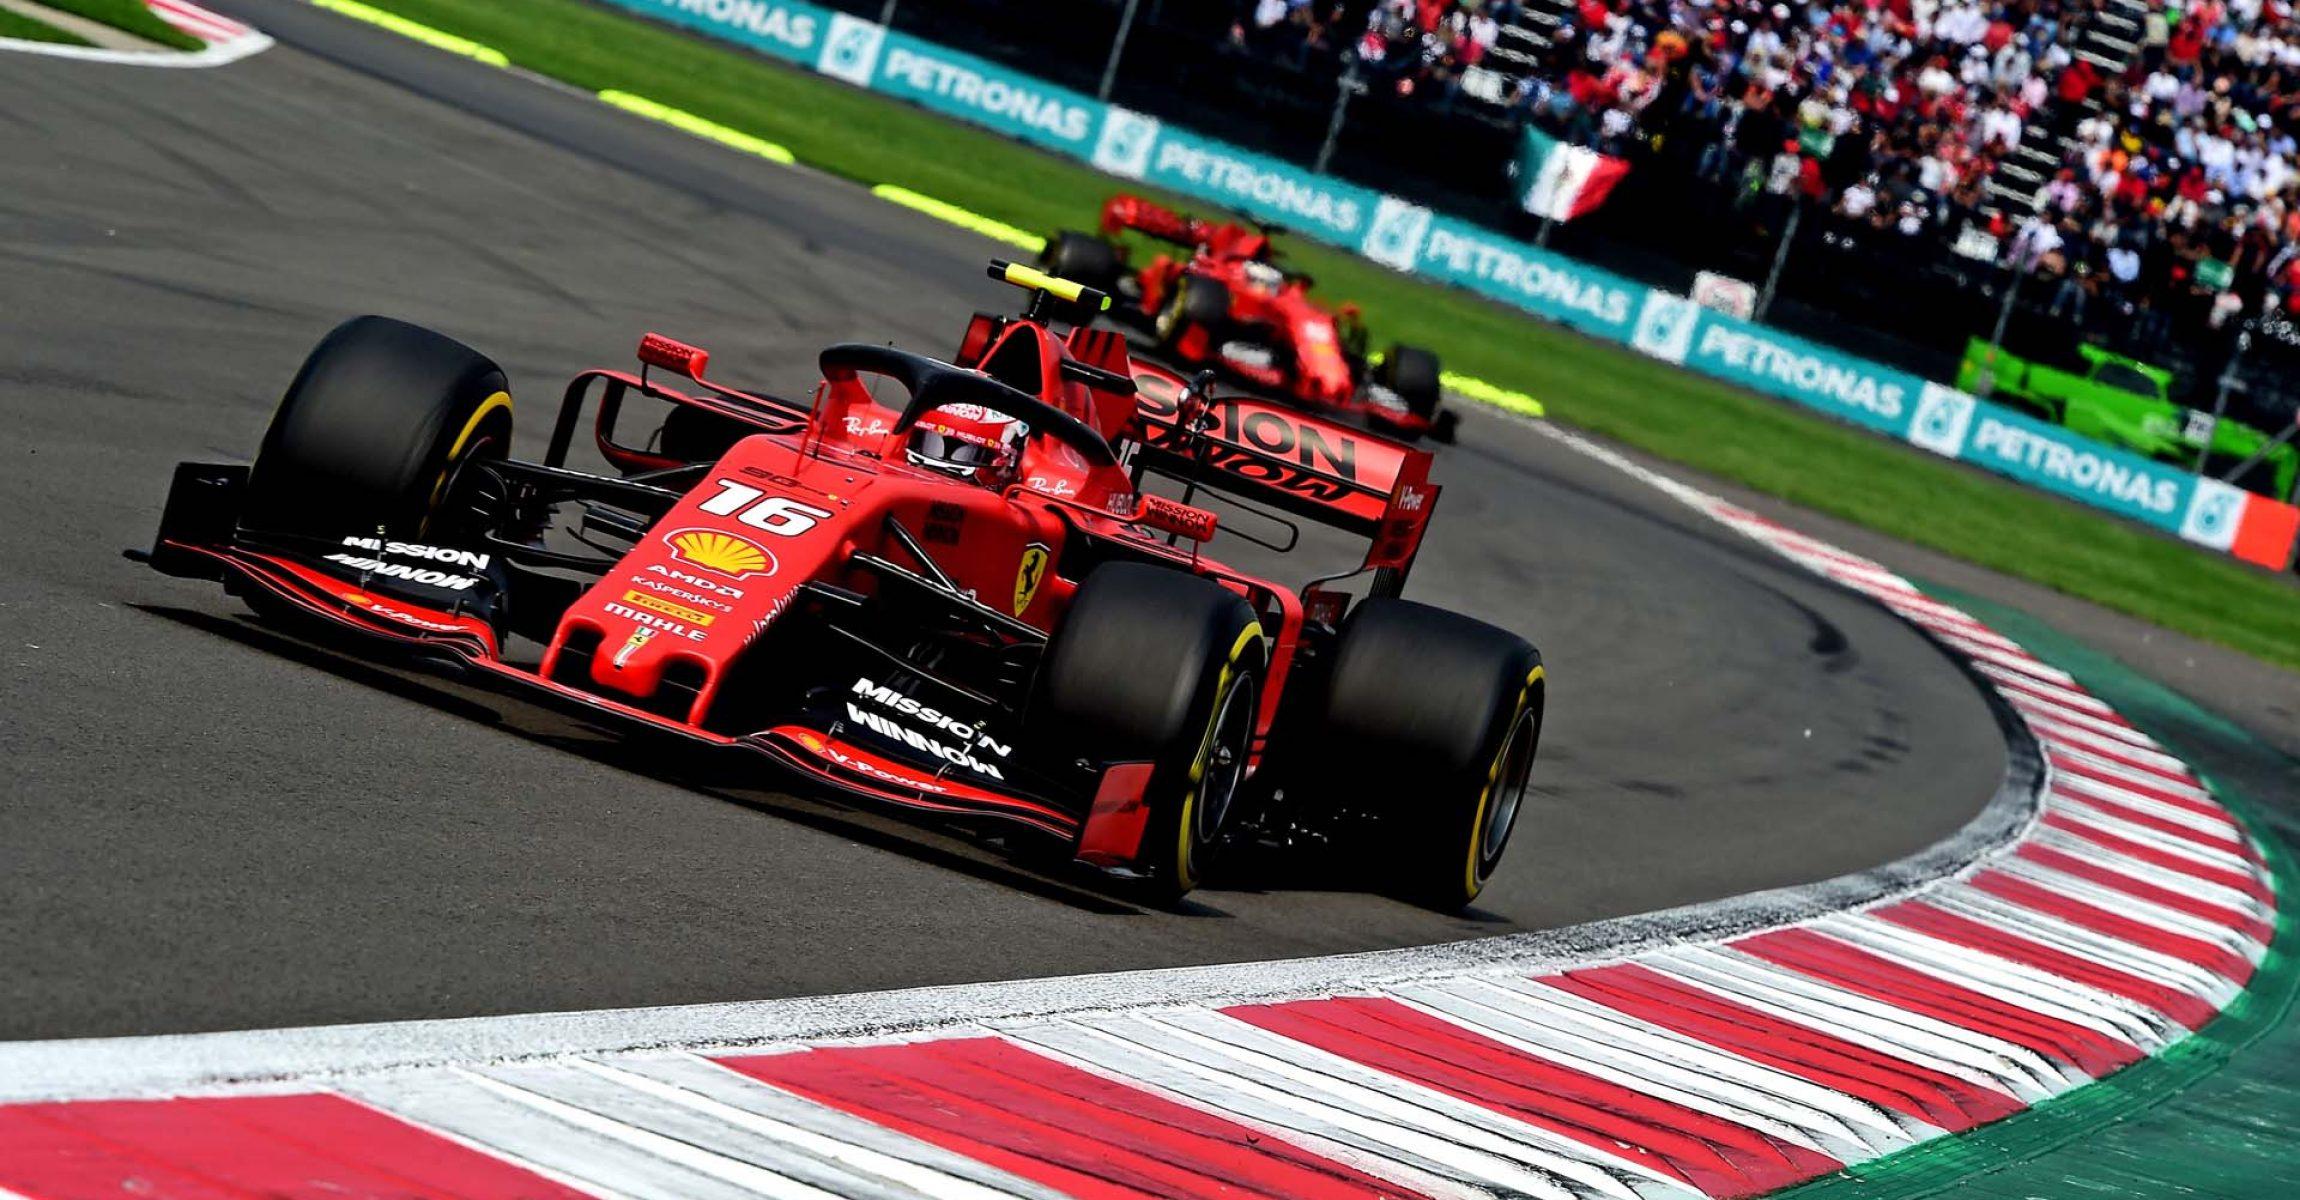 GP MESSICO F1/2019 - DOMENICA 27/10/2019 credit: @Scuderia Ferrari Press Office Charles Leclerc